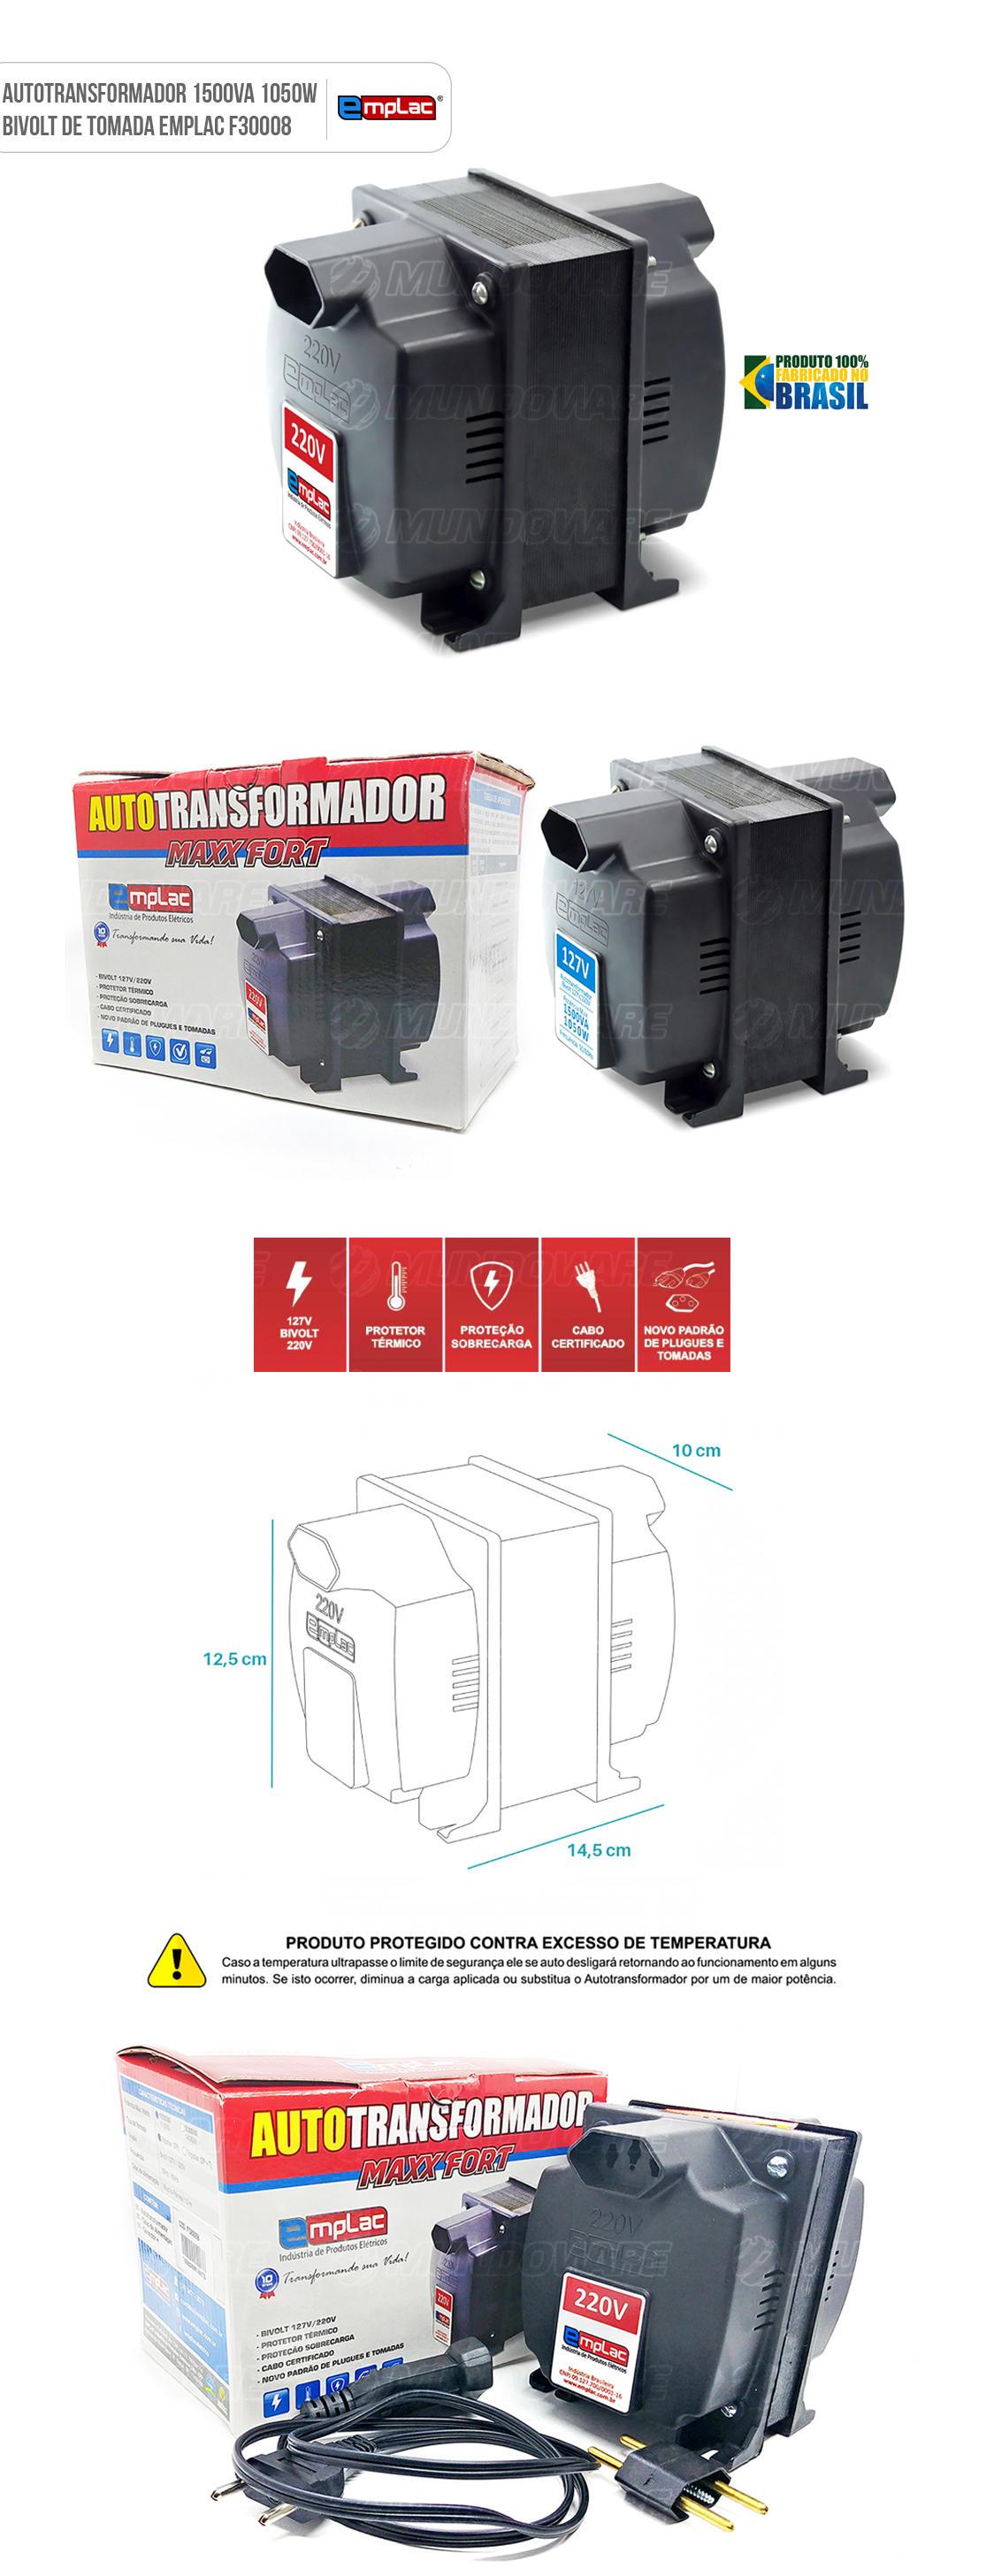 Auto transformador de tomada 1500VA 1050W Bivolt com Protetor Térmico e Proteção contra sobrecarga